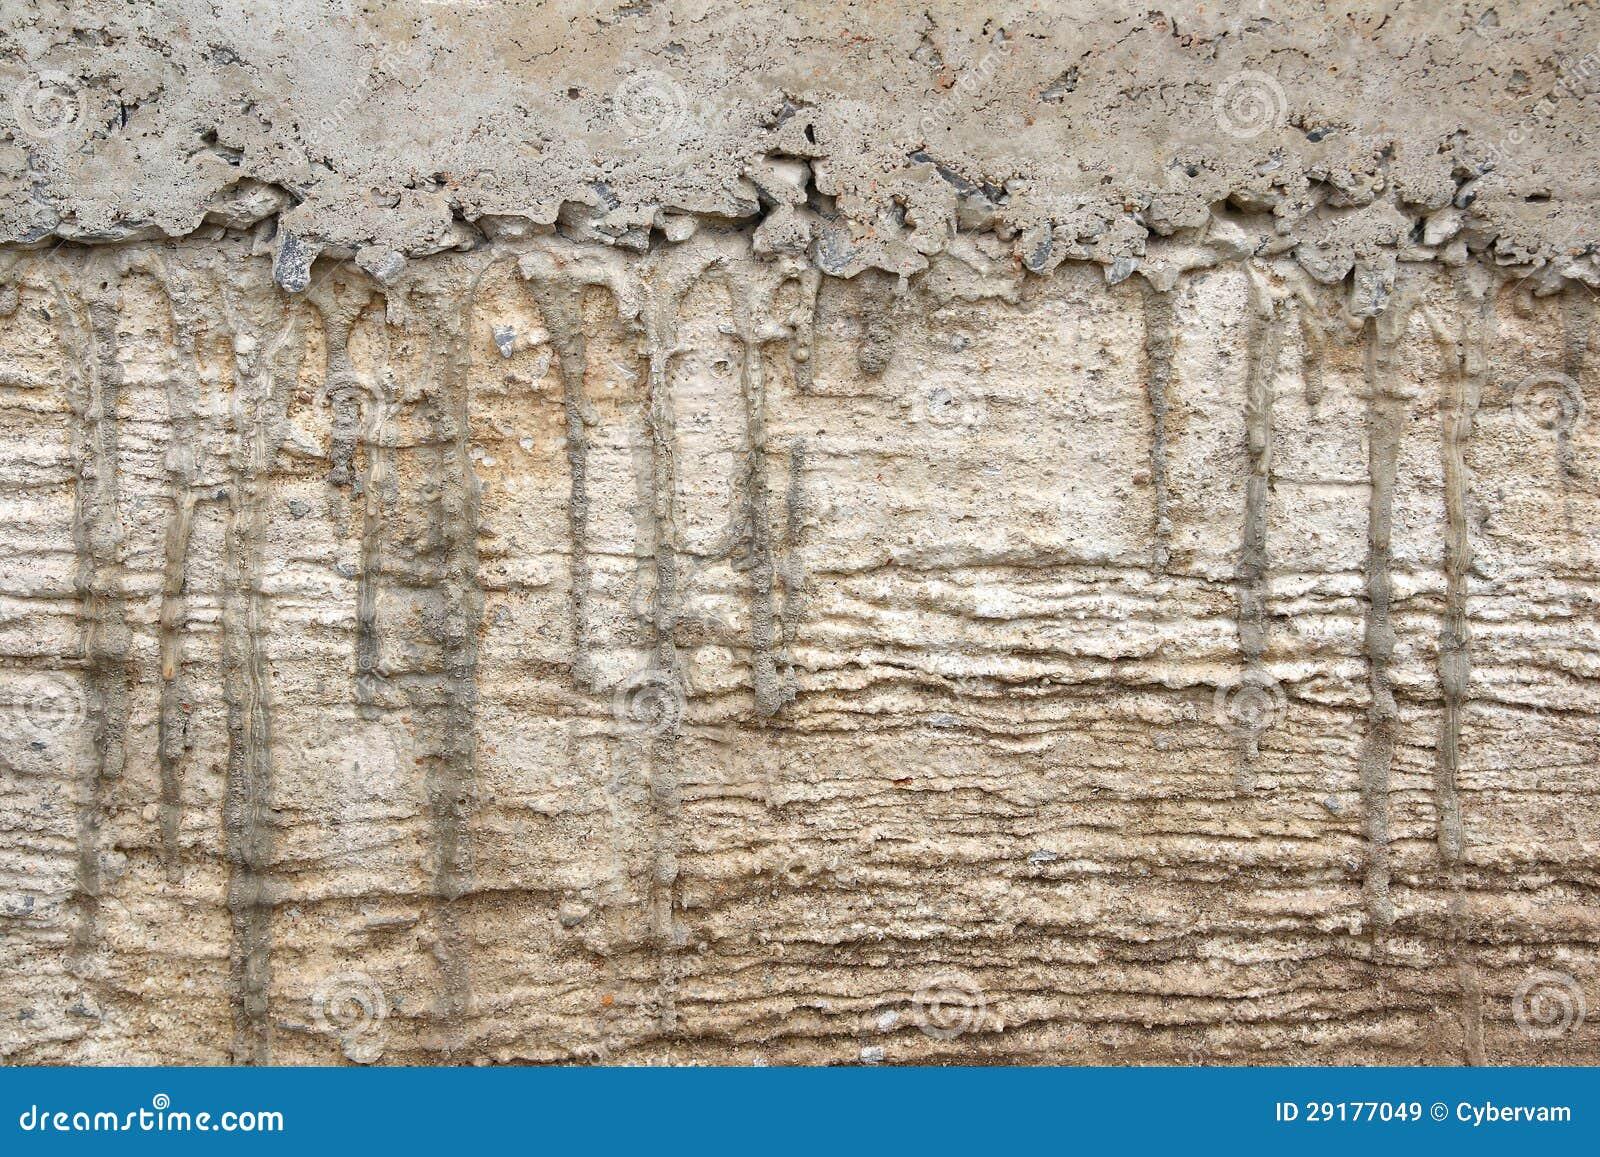 Suintement de la colle sur le b ton au sol images libres for Retirer colle moquette sur beton